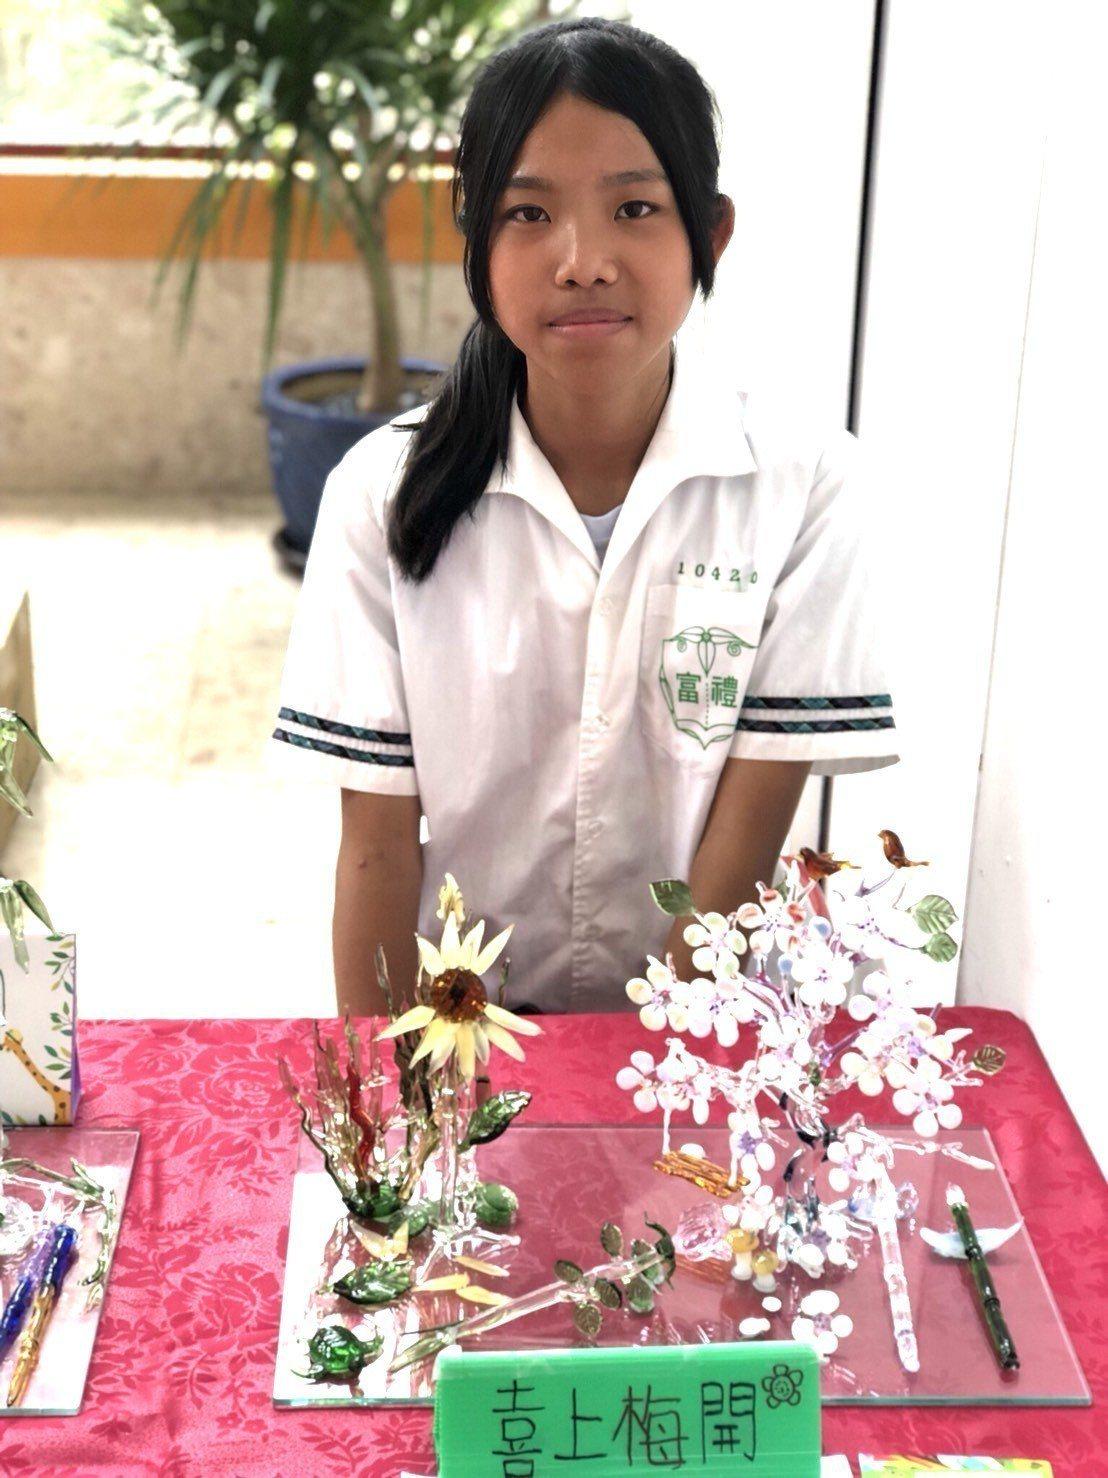 李函昱「喜上梅開」獲得竹市國中技藝教育競賽化工職群第一名。圖/新竹市府提供